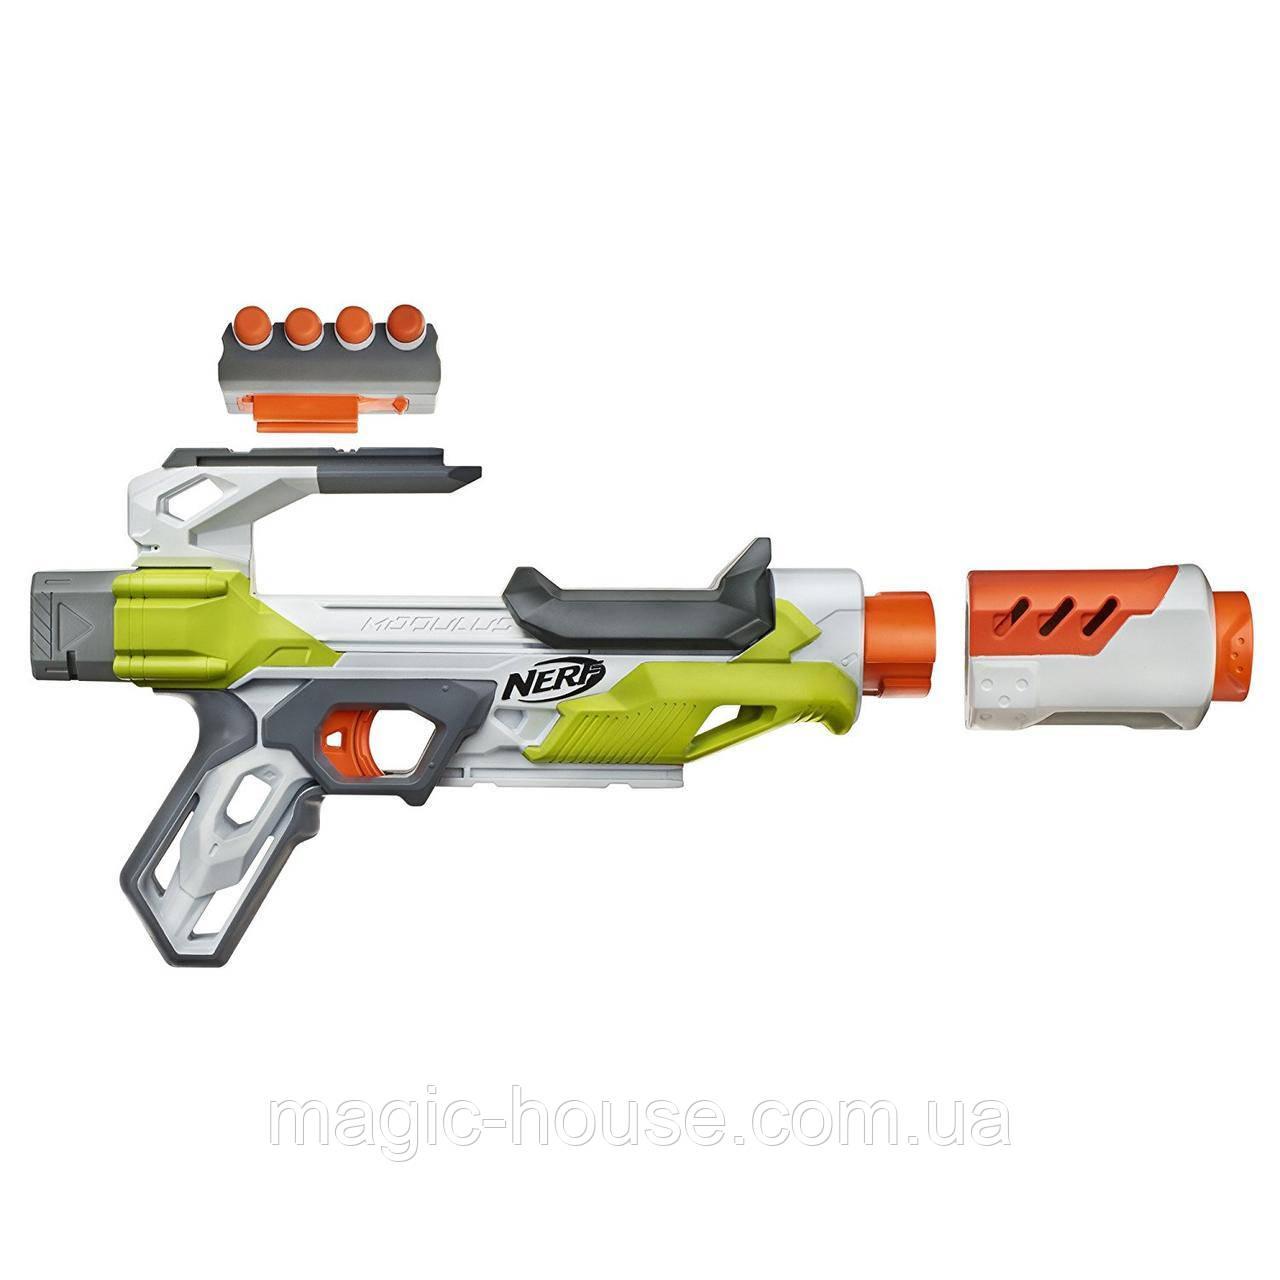 Бластер Nerf Модулус ЙонФайр Modulus IonFire Blaster(эко упаковка)